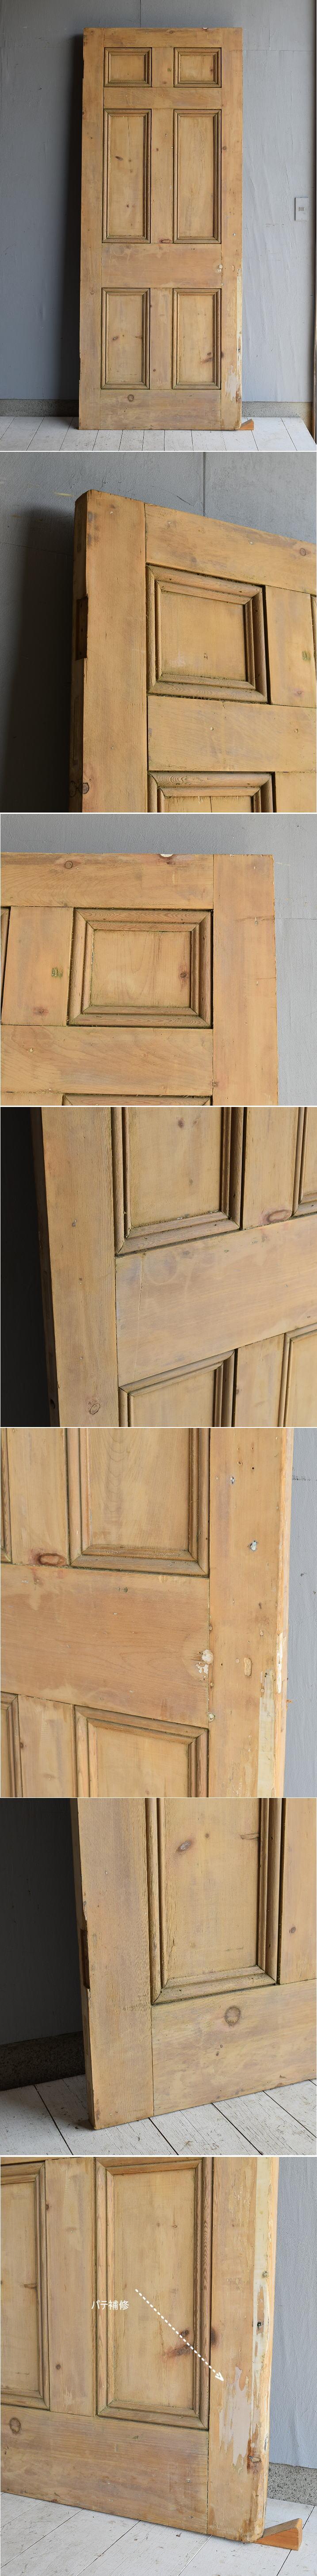 イギリス アンティーク オールドパインドア 扉 建具 7174